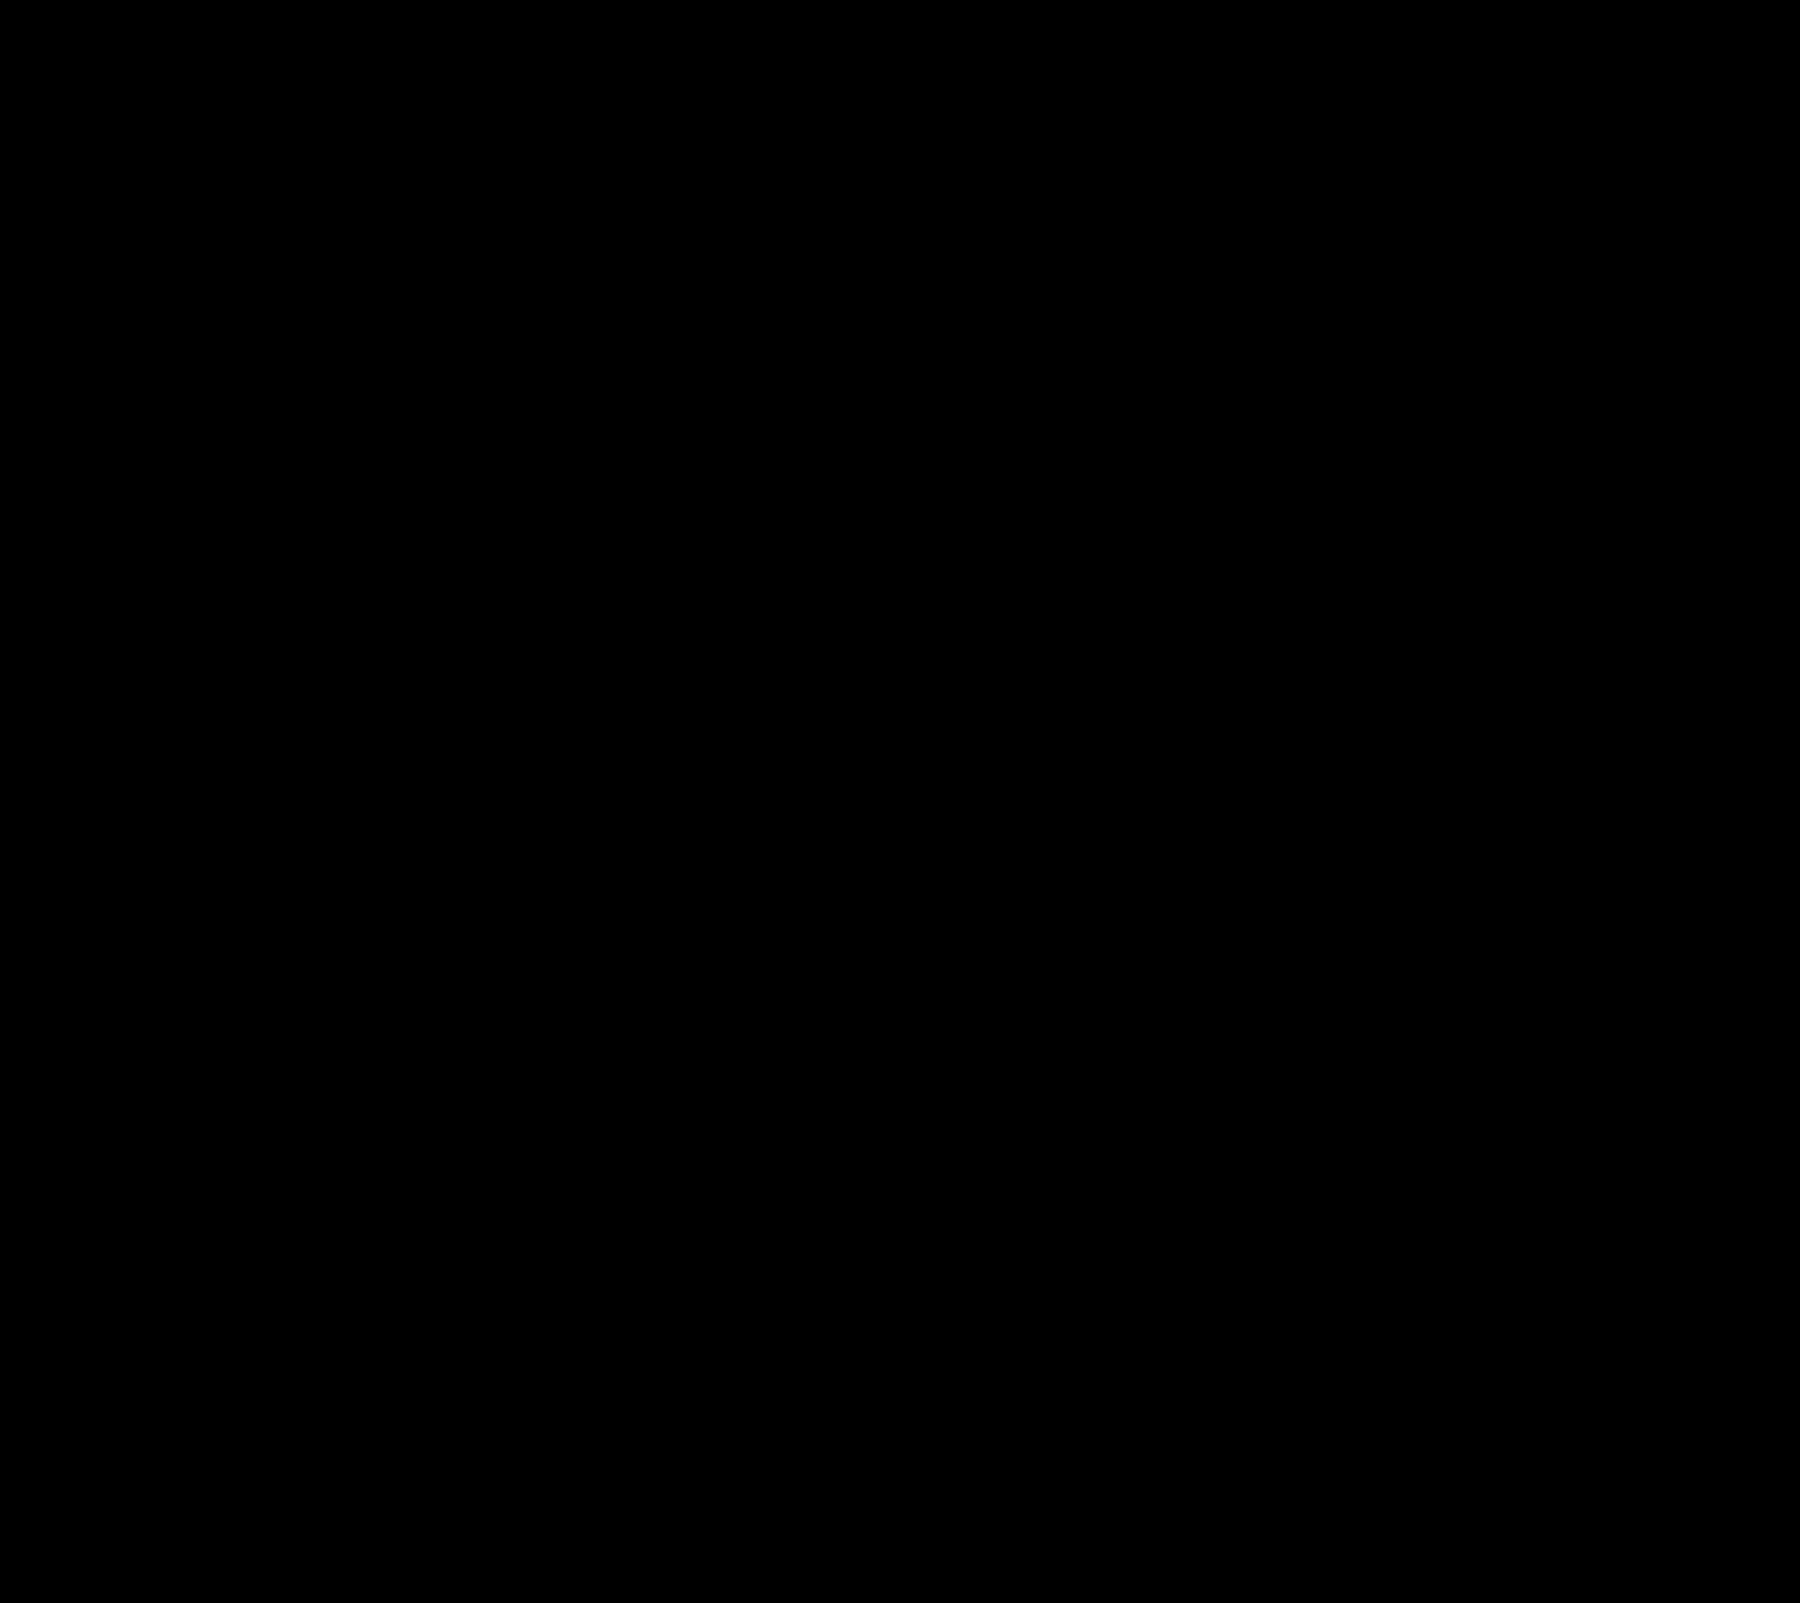 1800x1603 Military Logos Vector